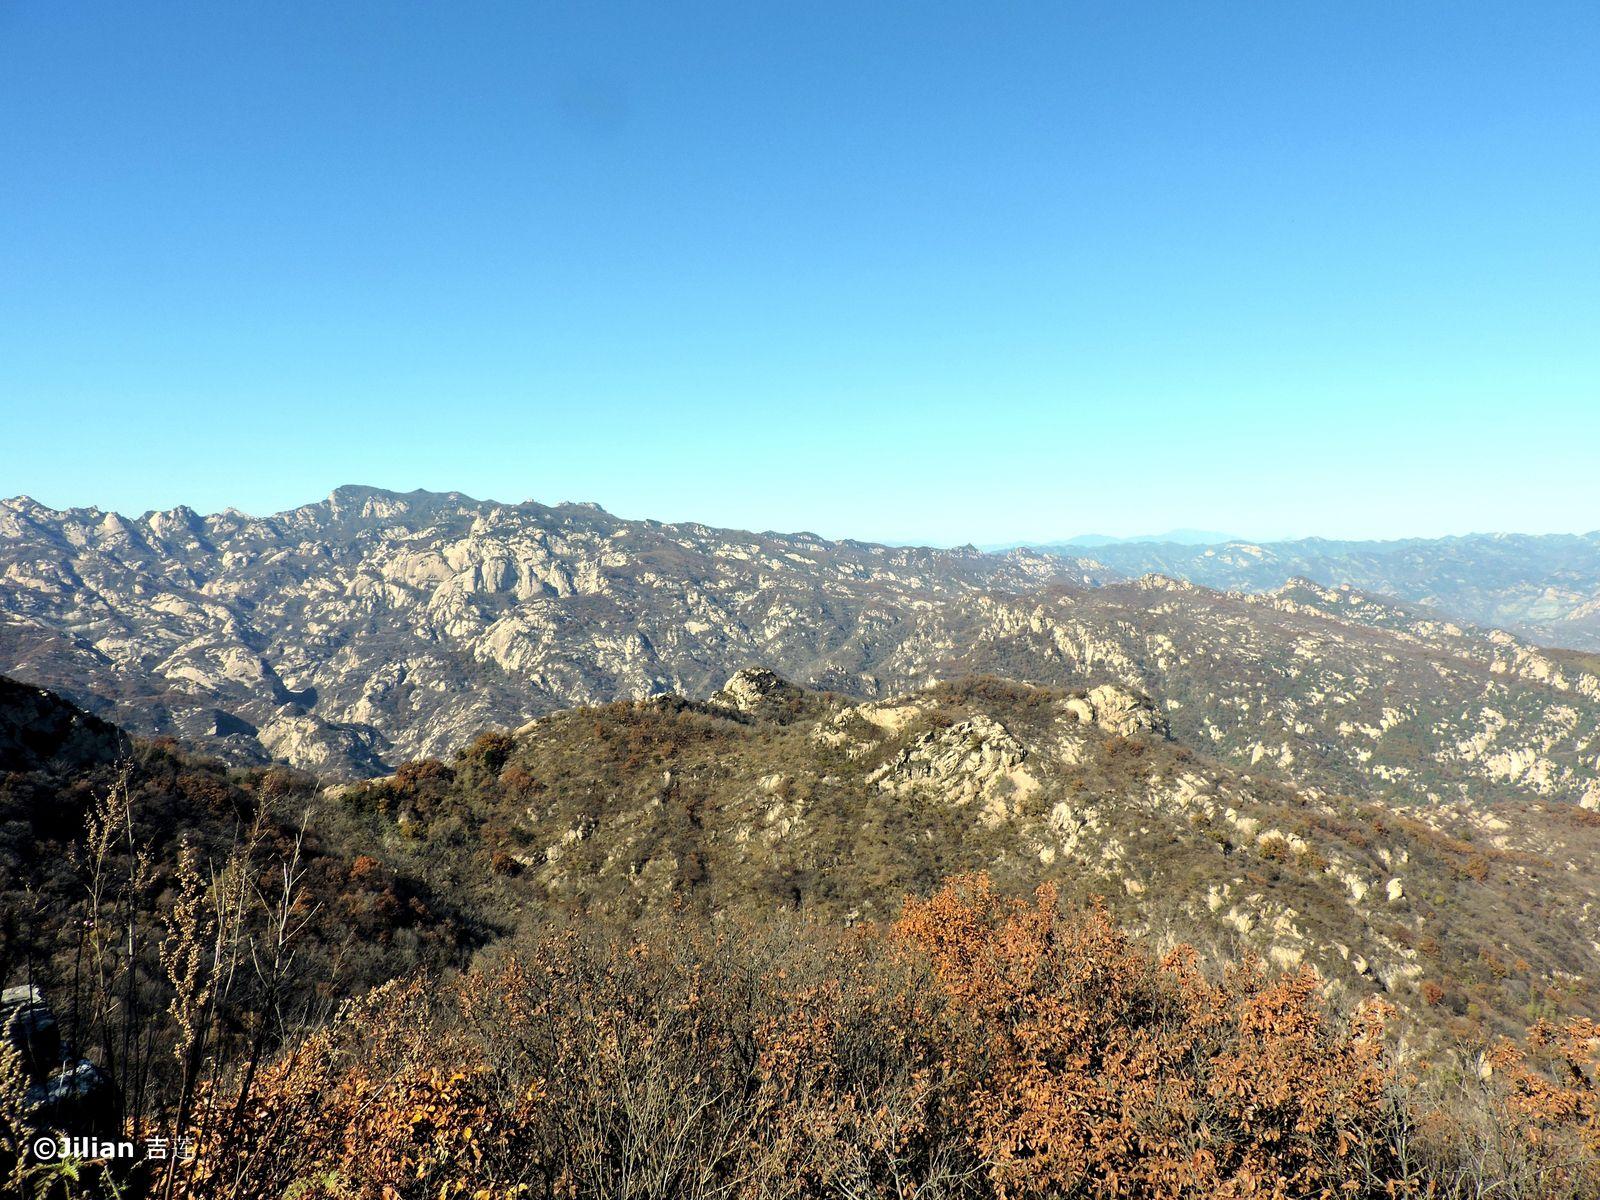 Randonnée à la Montagne des Cinq Tours - 上五座楼山徒步